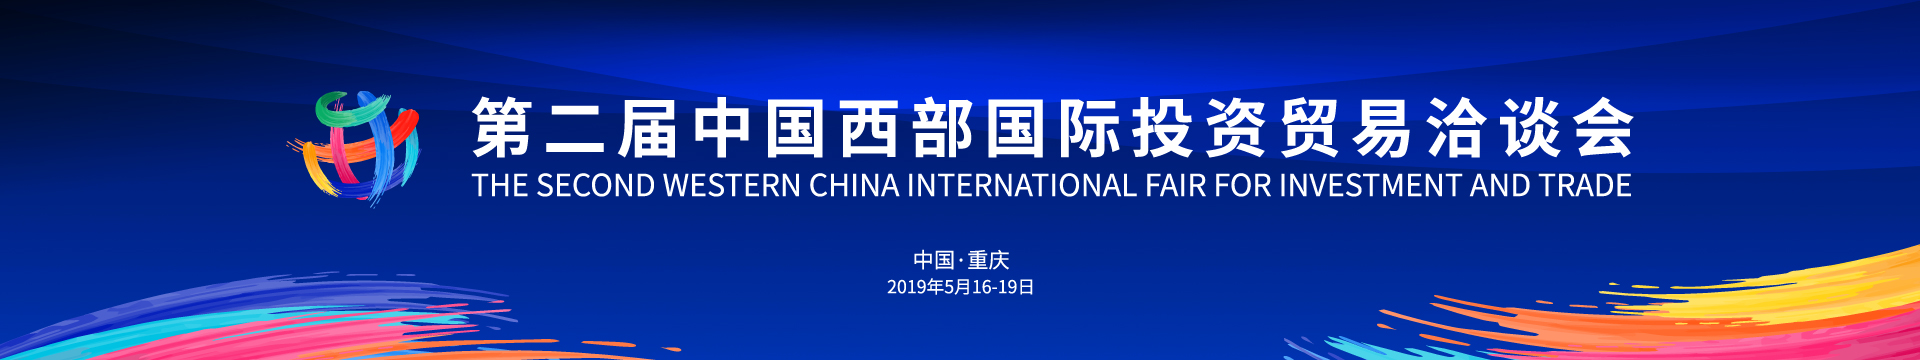 第二届中国西部国际投资贸易洽淡会